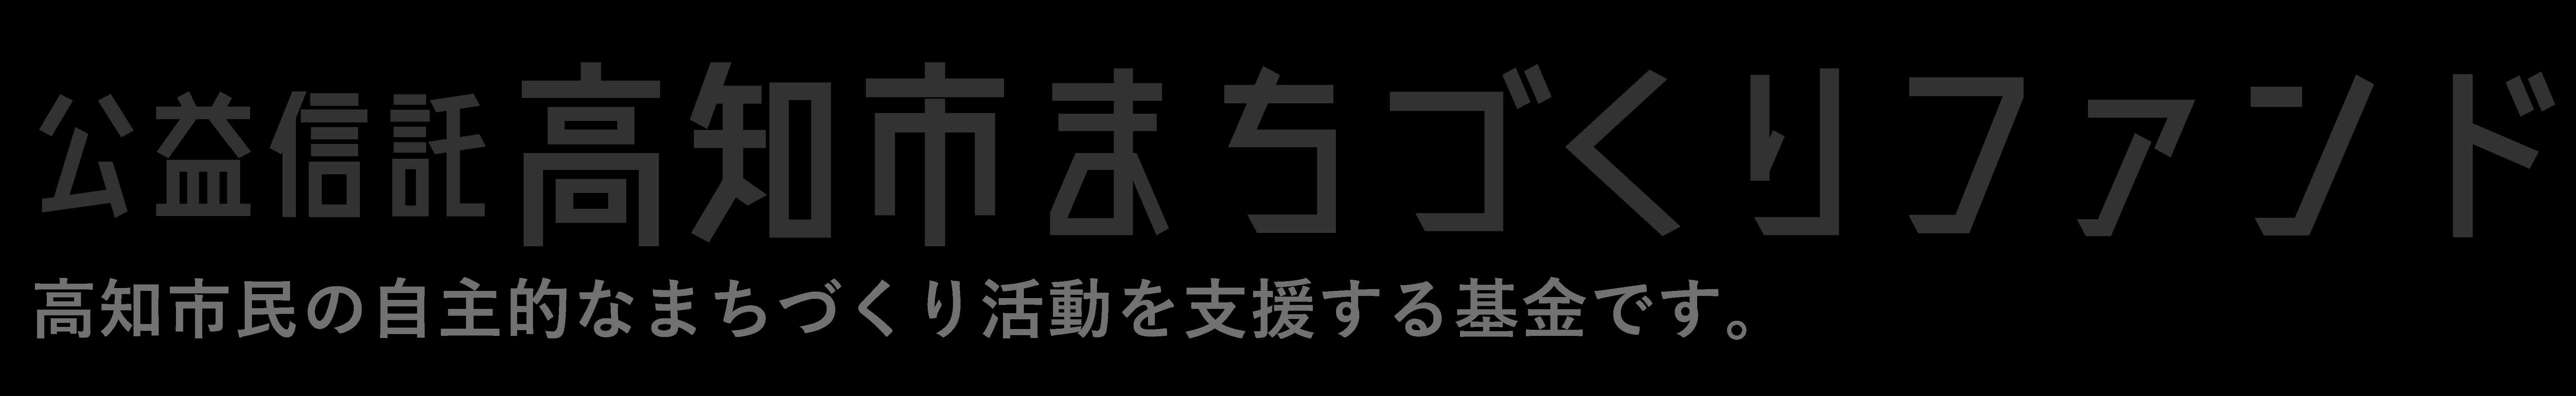 【公式】公益信託高知市まちづくりファンド